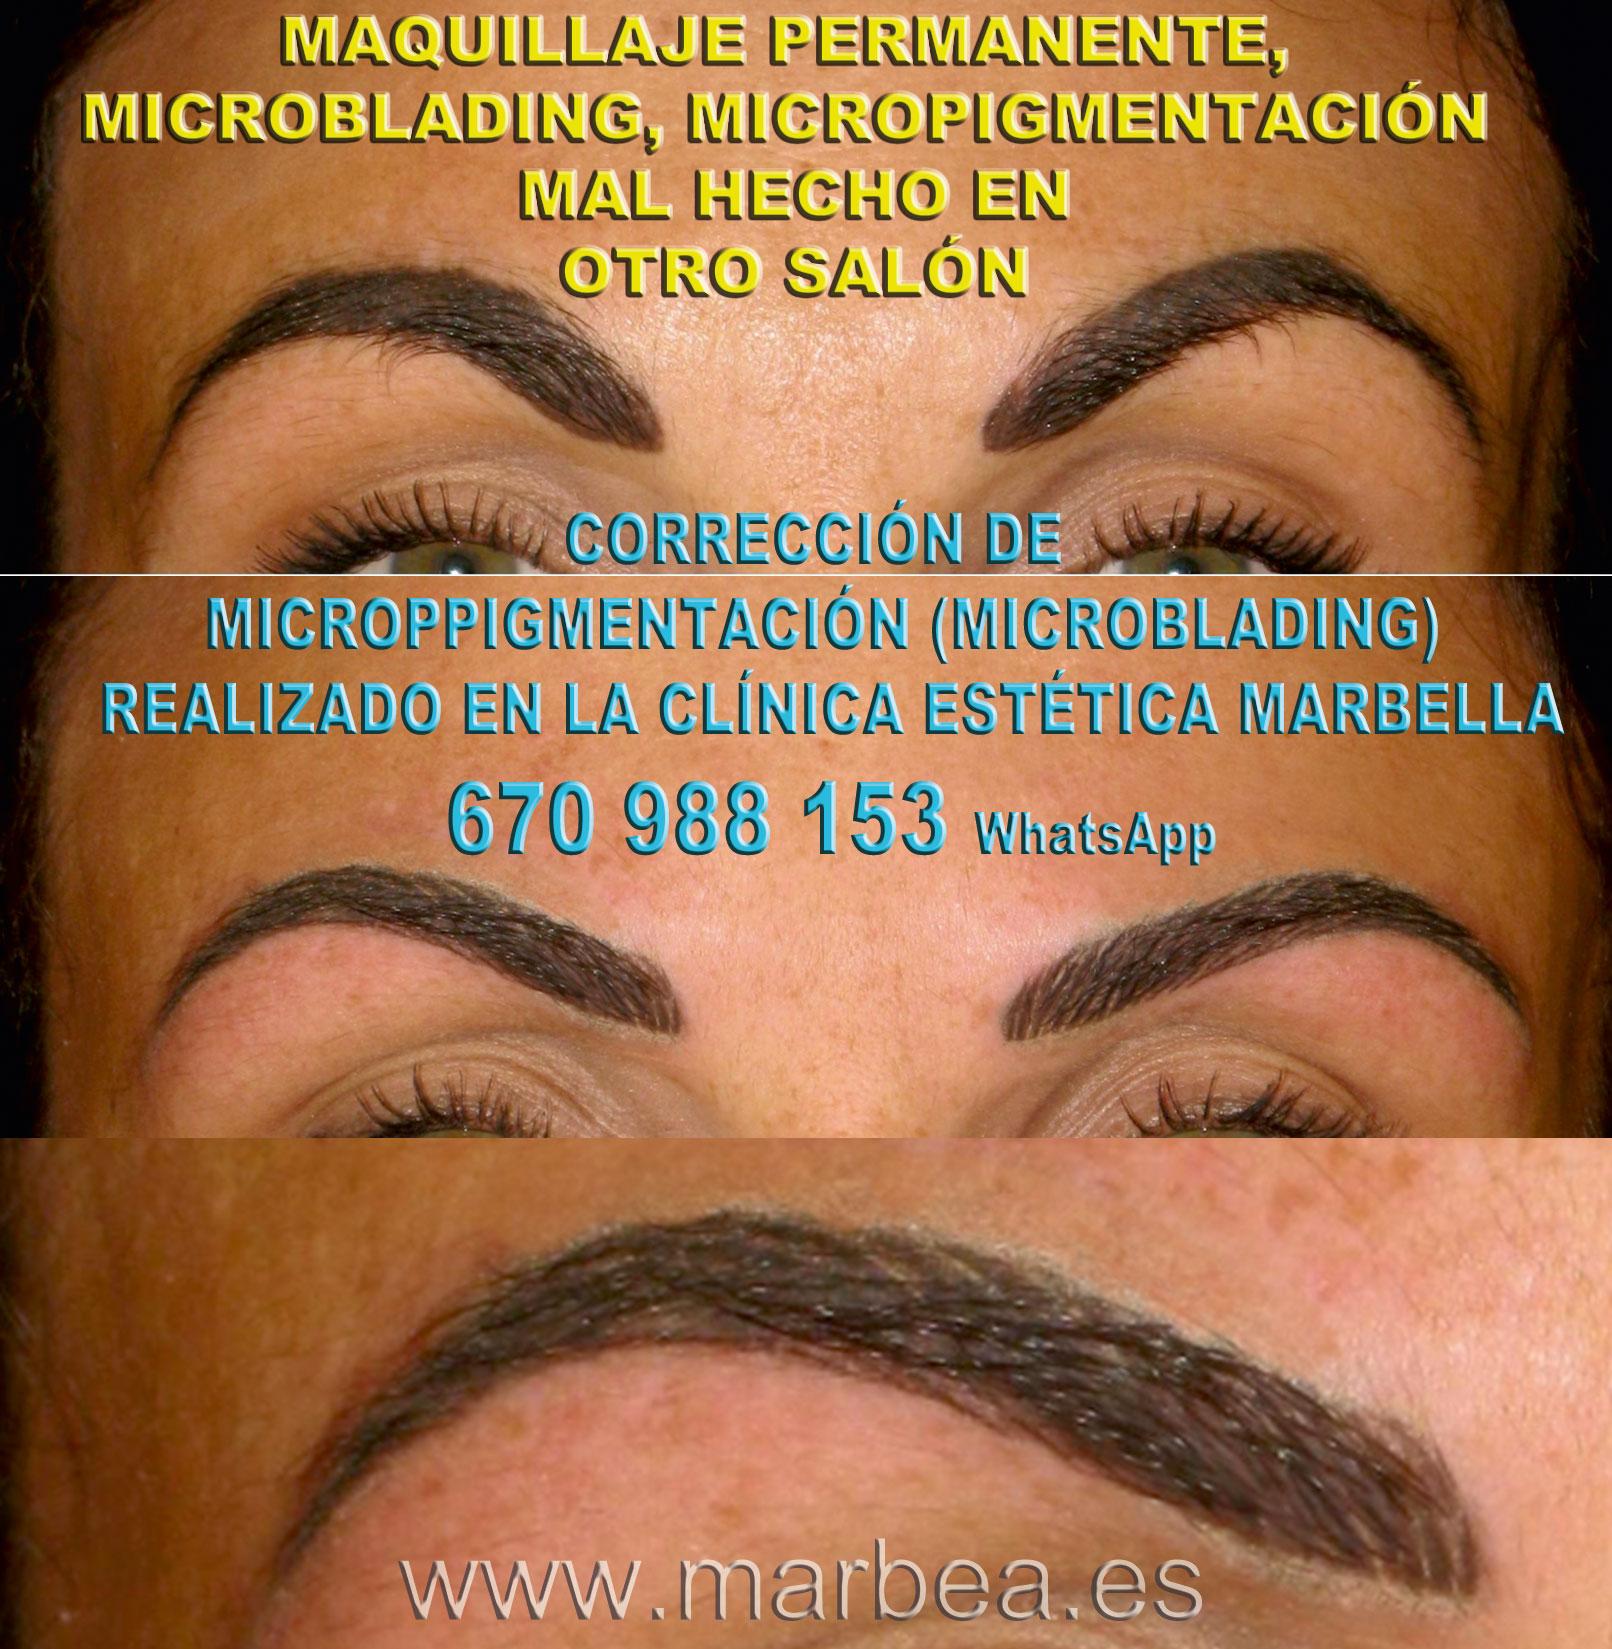 Como aclarar la micropigmentación cejas clínica estética tatuaje ofrece corrección de micropigmentación en cejas,corregir micropigmentación no deseada en Marbella or Málaga.